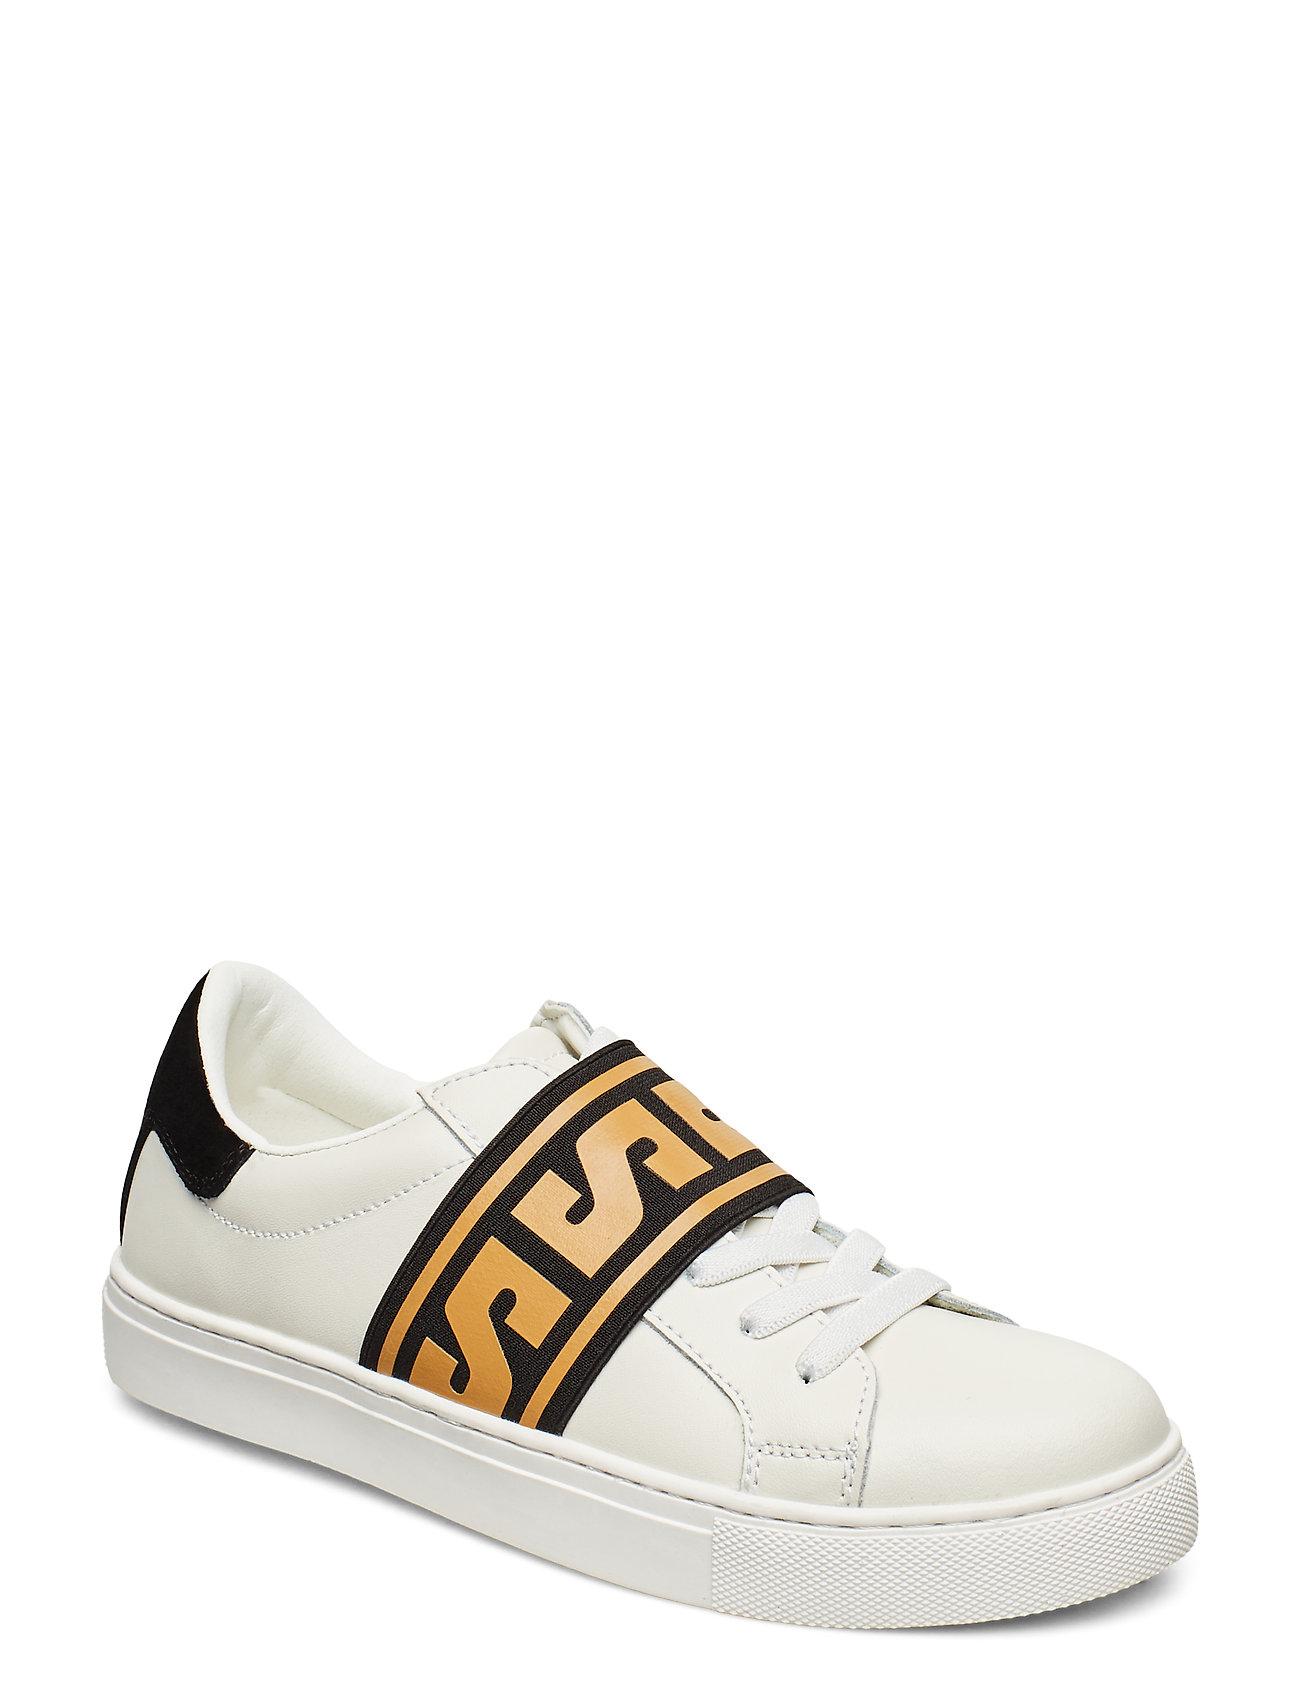 Image of Shoe Low-top Sneakers Hvid Sofie Schnoor (3374003353)